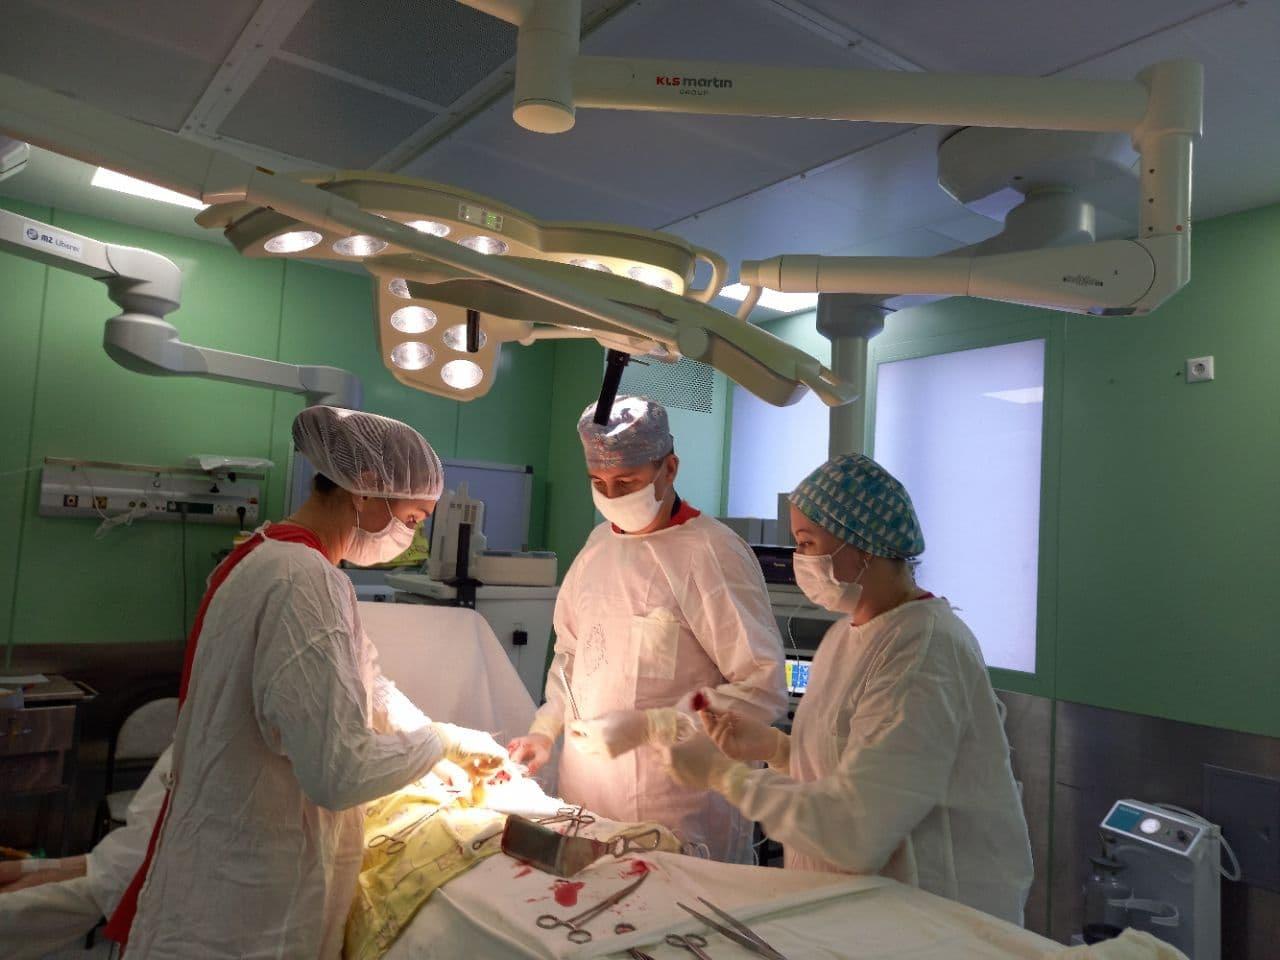 450 лапароскопических операций по лечению рака эндометрия провели в онкодиспансере в Балашихе в 2020 году